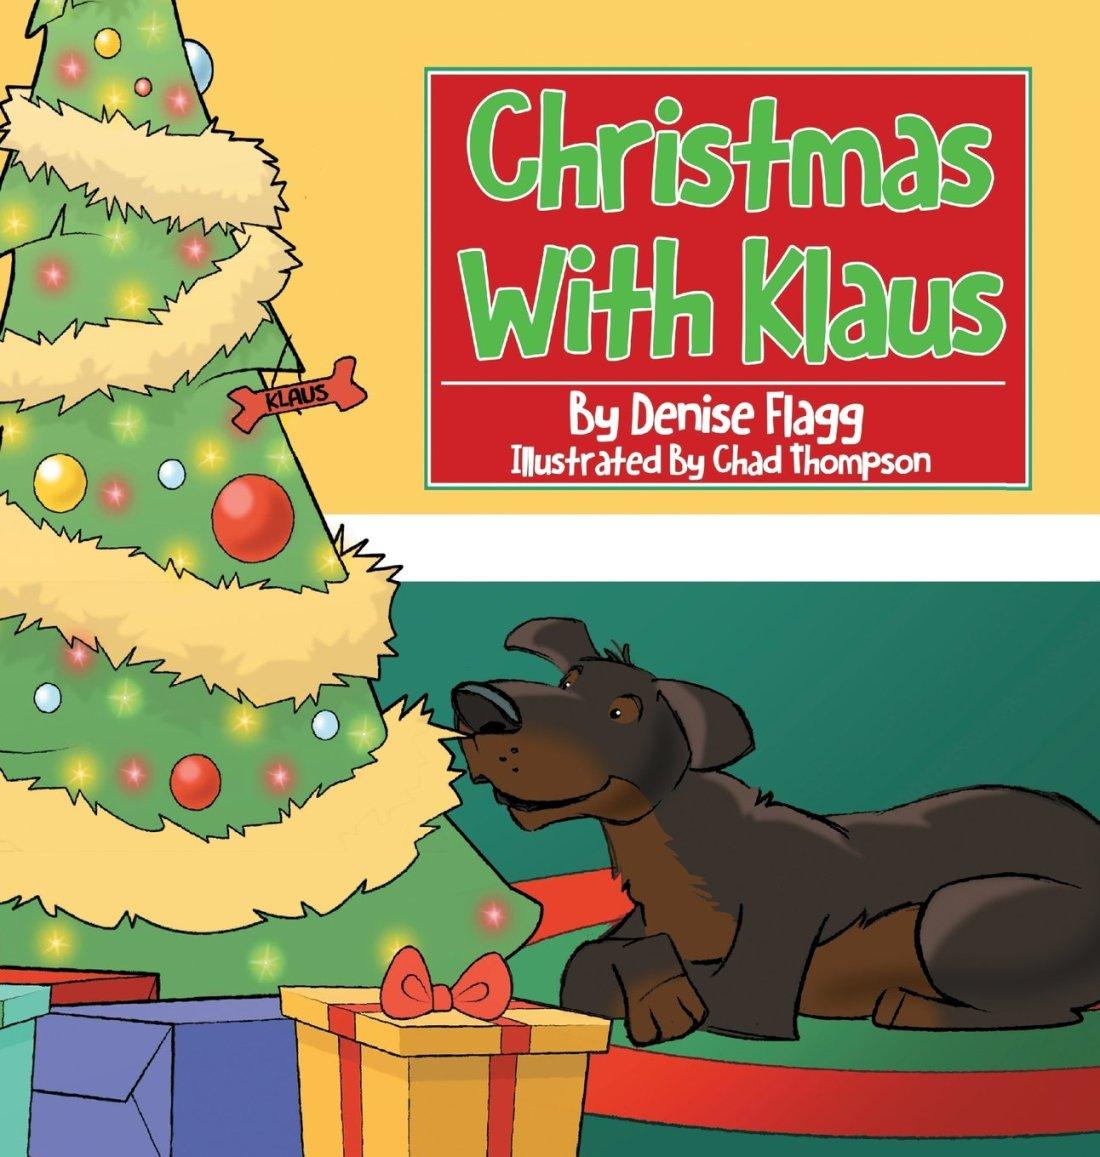 Christmas with Klaus Flagg